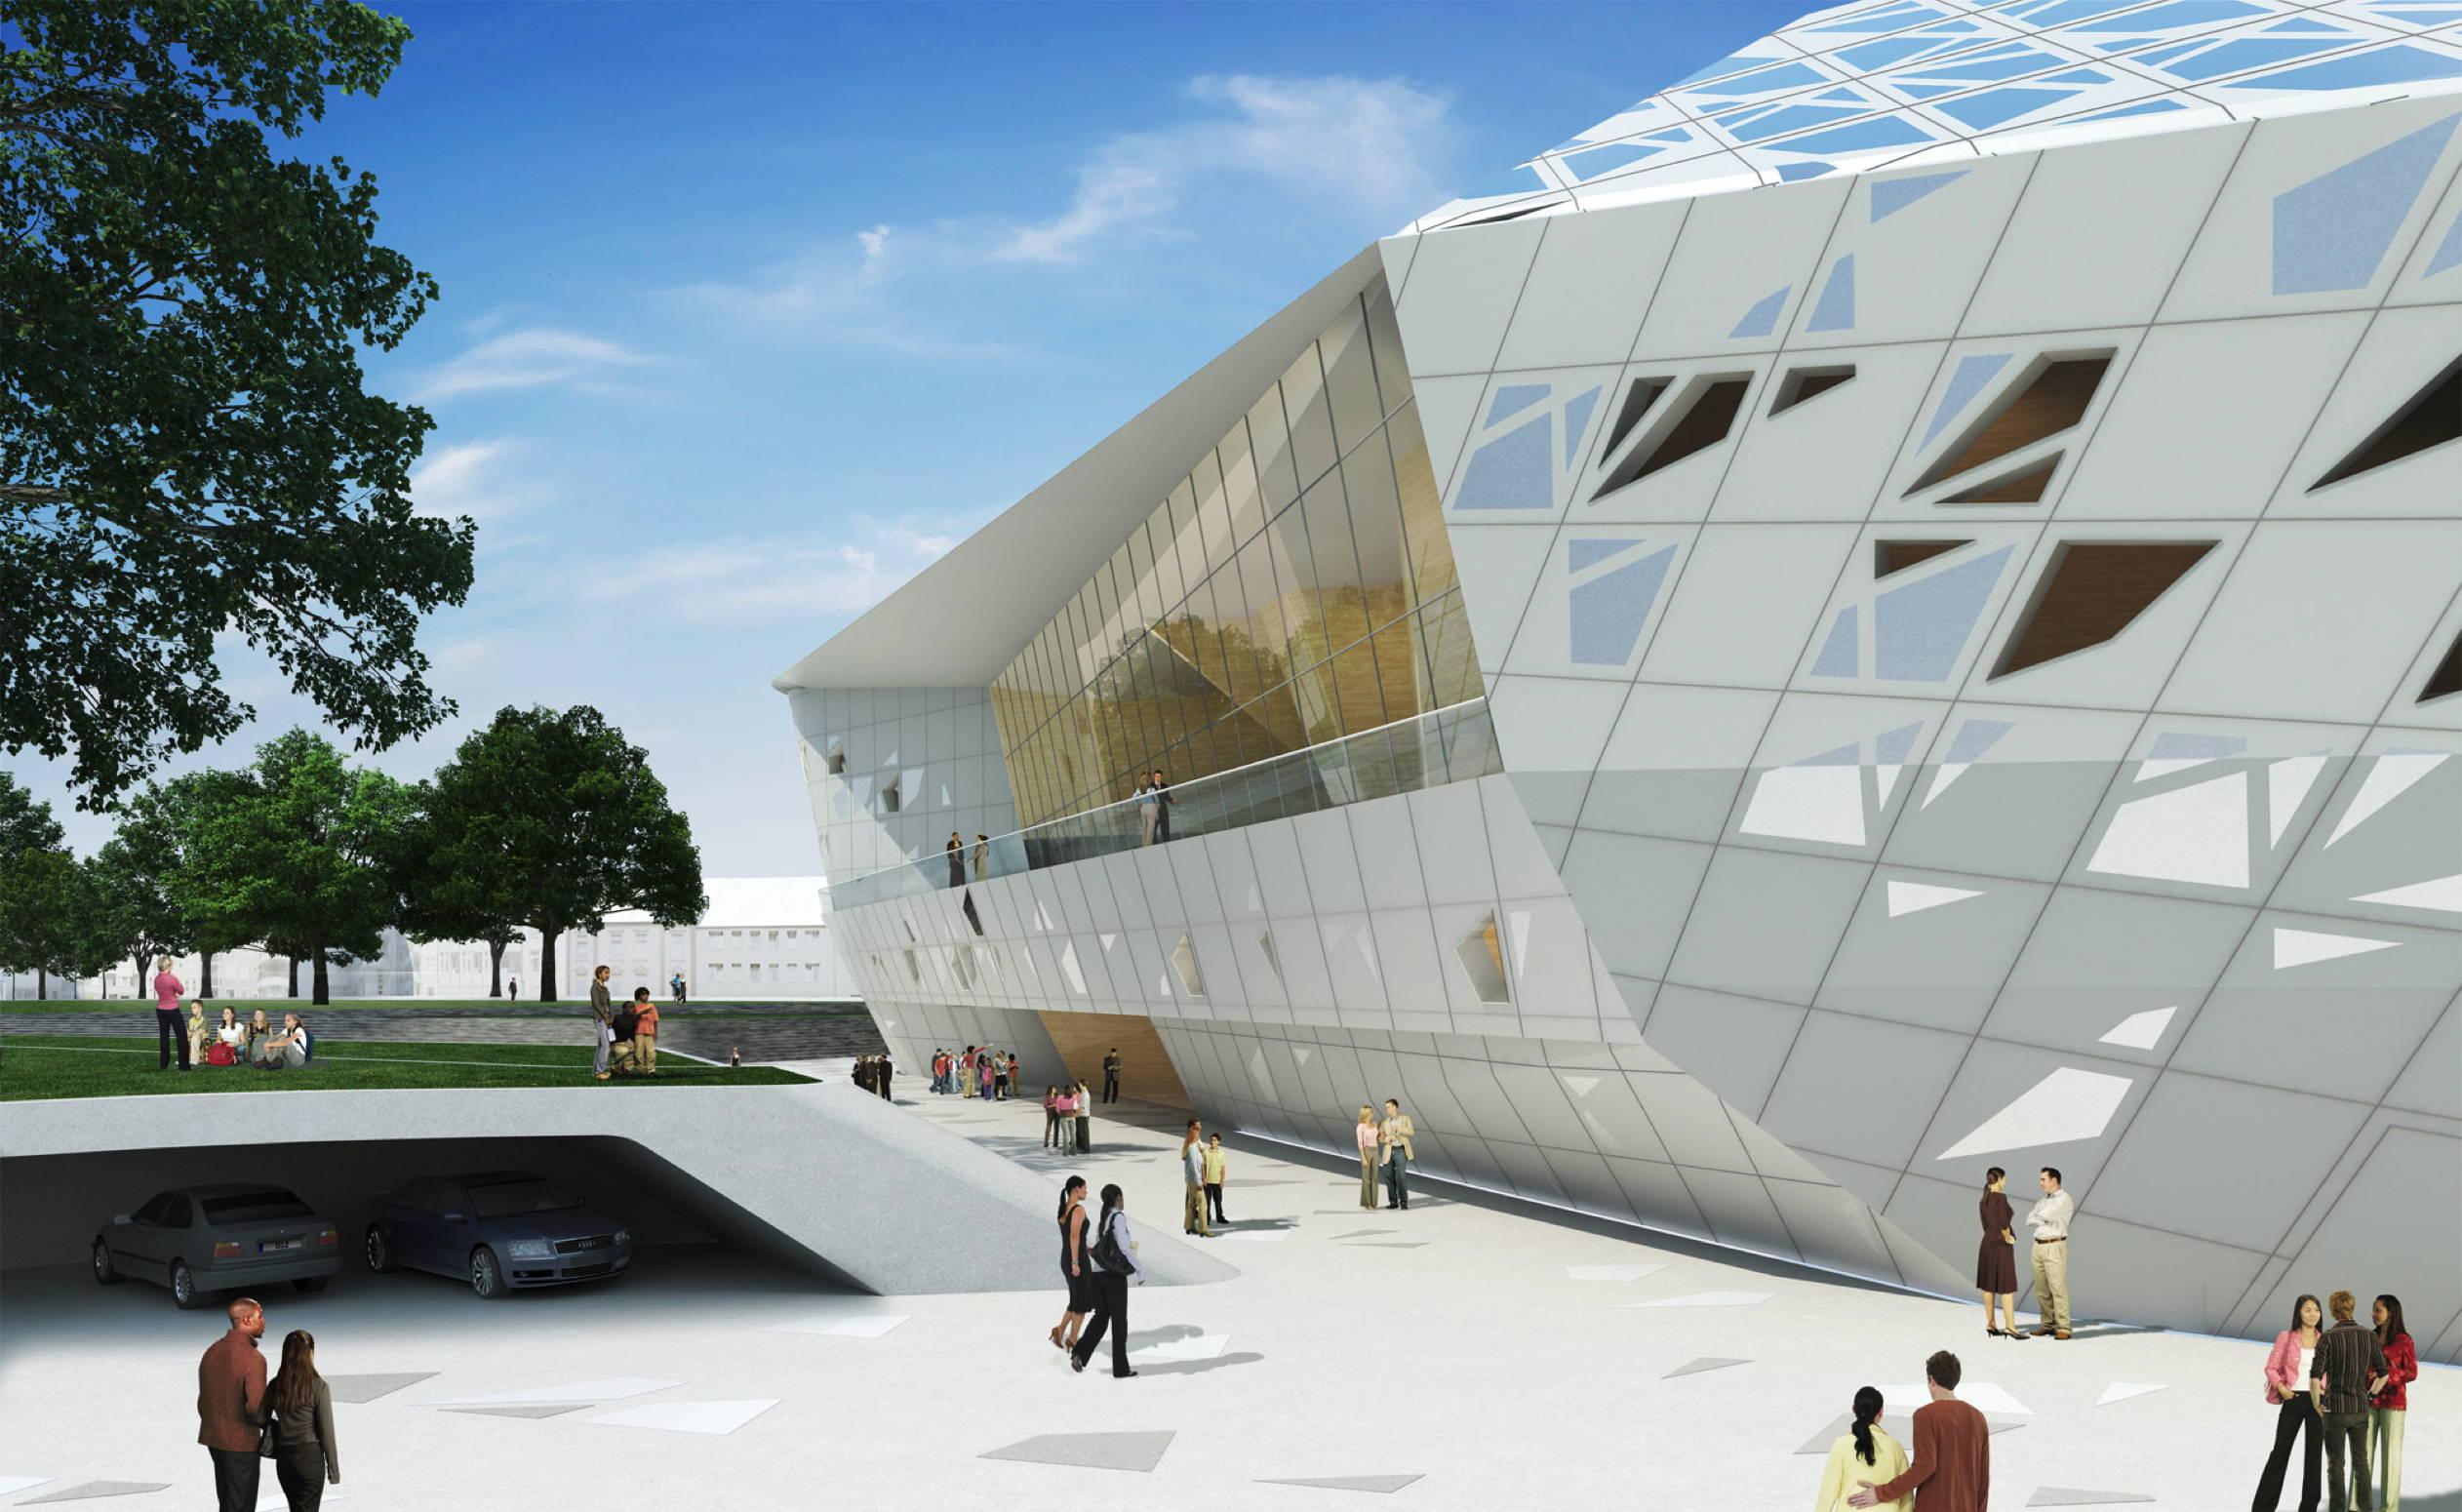 Proyecto de sala de conciertos Beethoven de Zaha Hadid